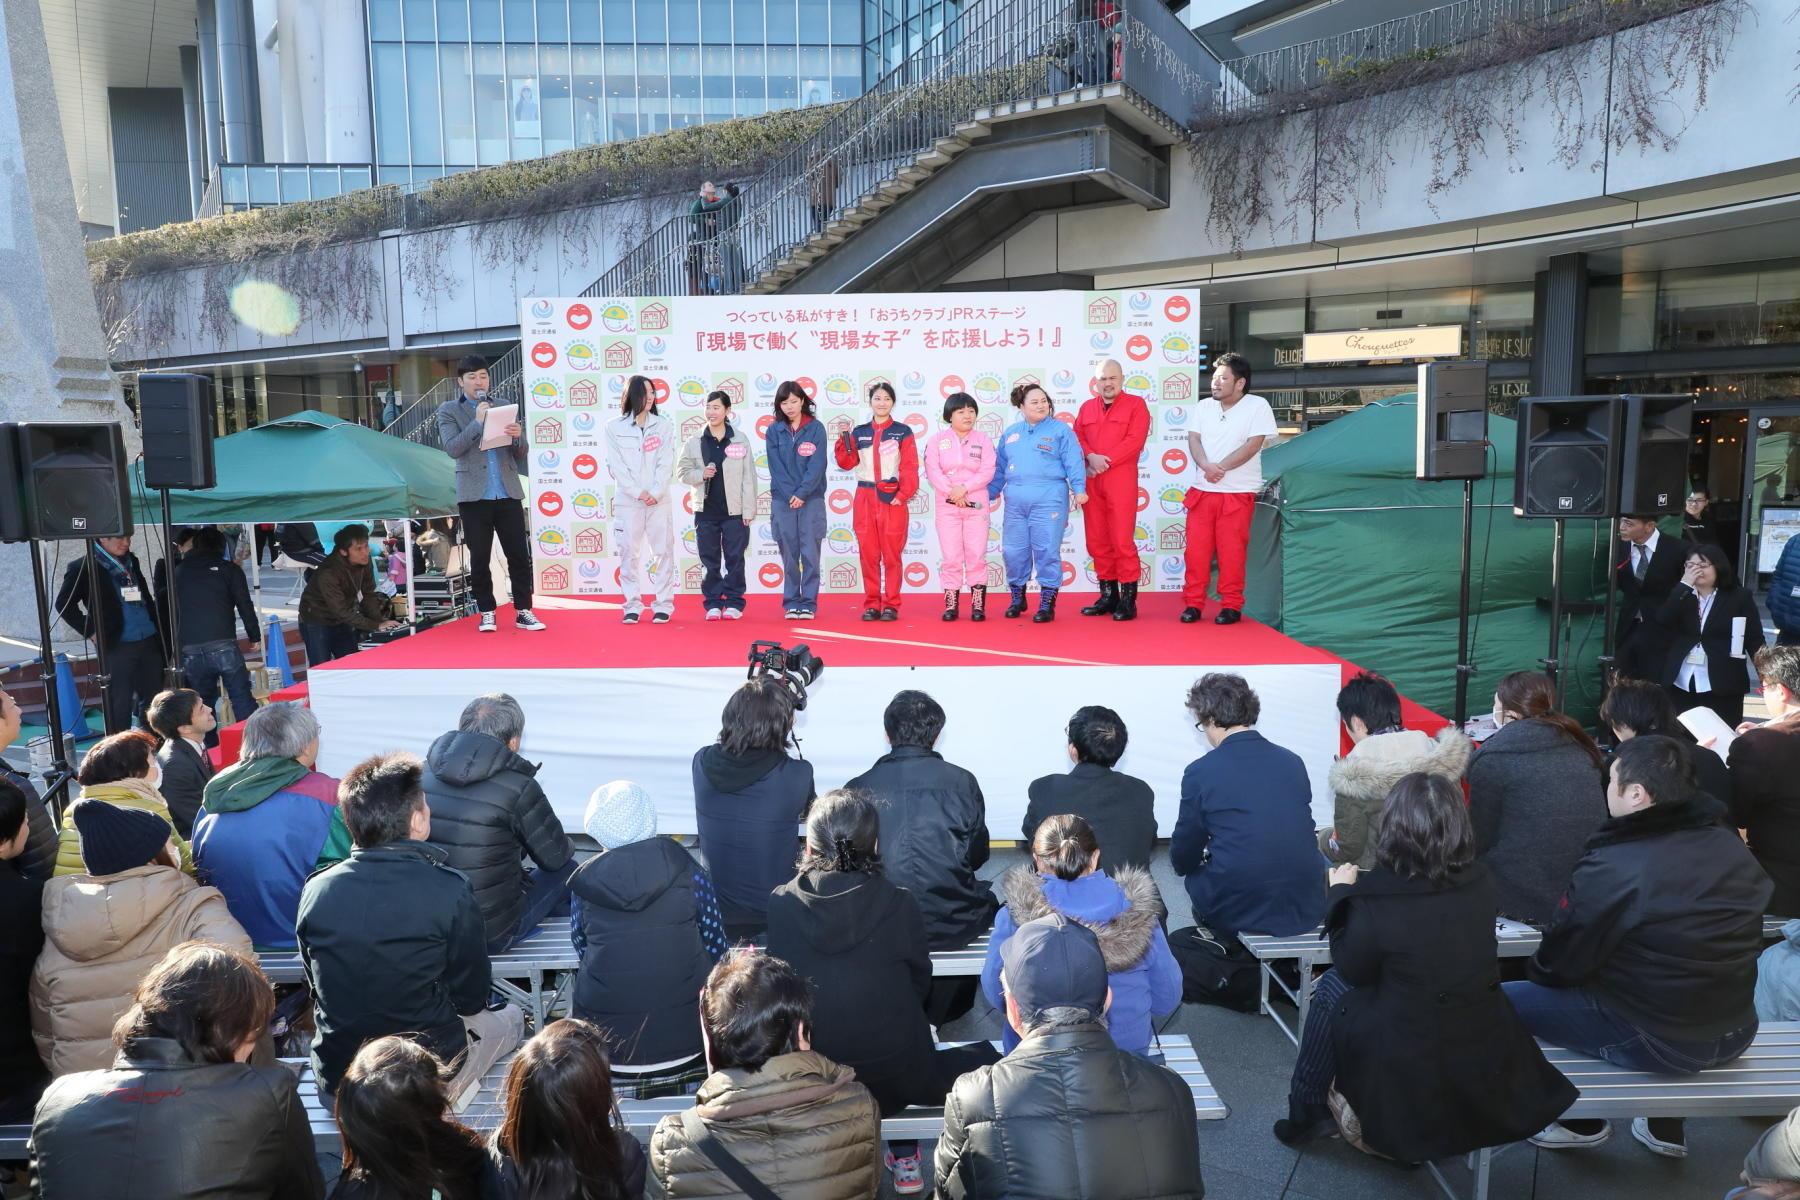 http://news.yoshimoto.co.jp/20170226100339-84b6e0c0c8b992c74e8e2d893de6a465afef0c97.jpg